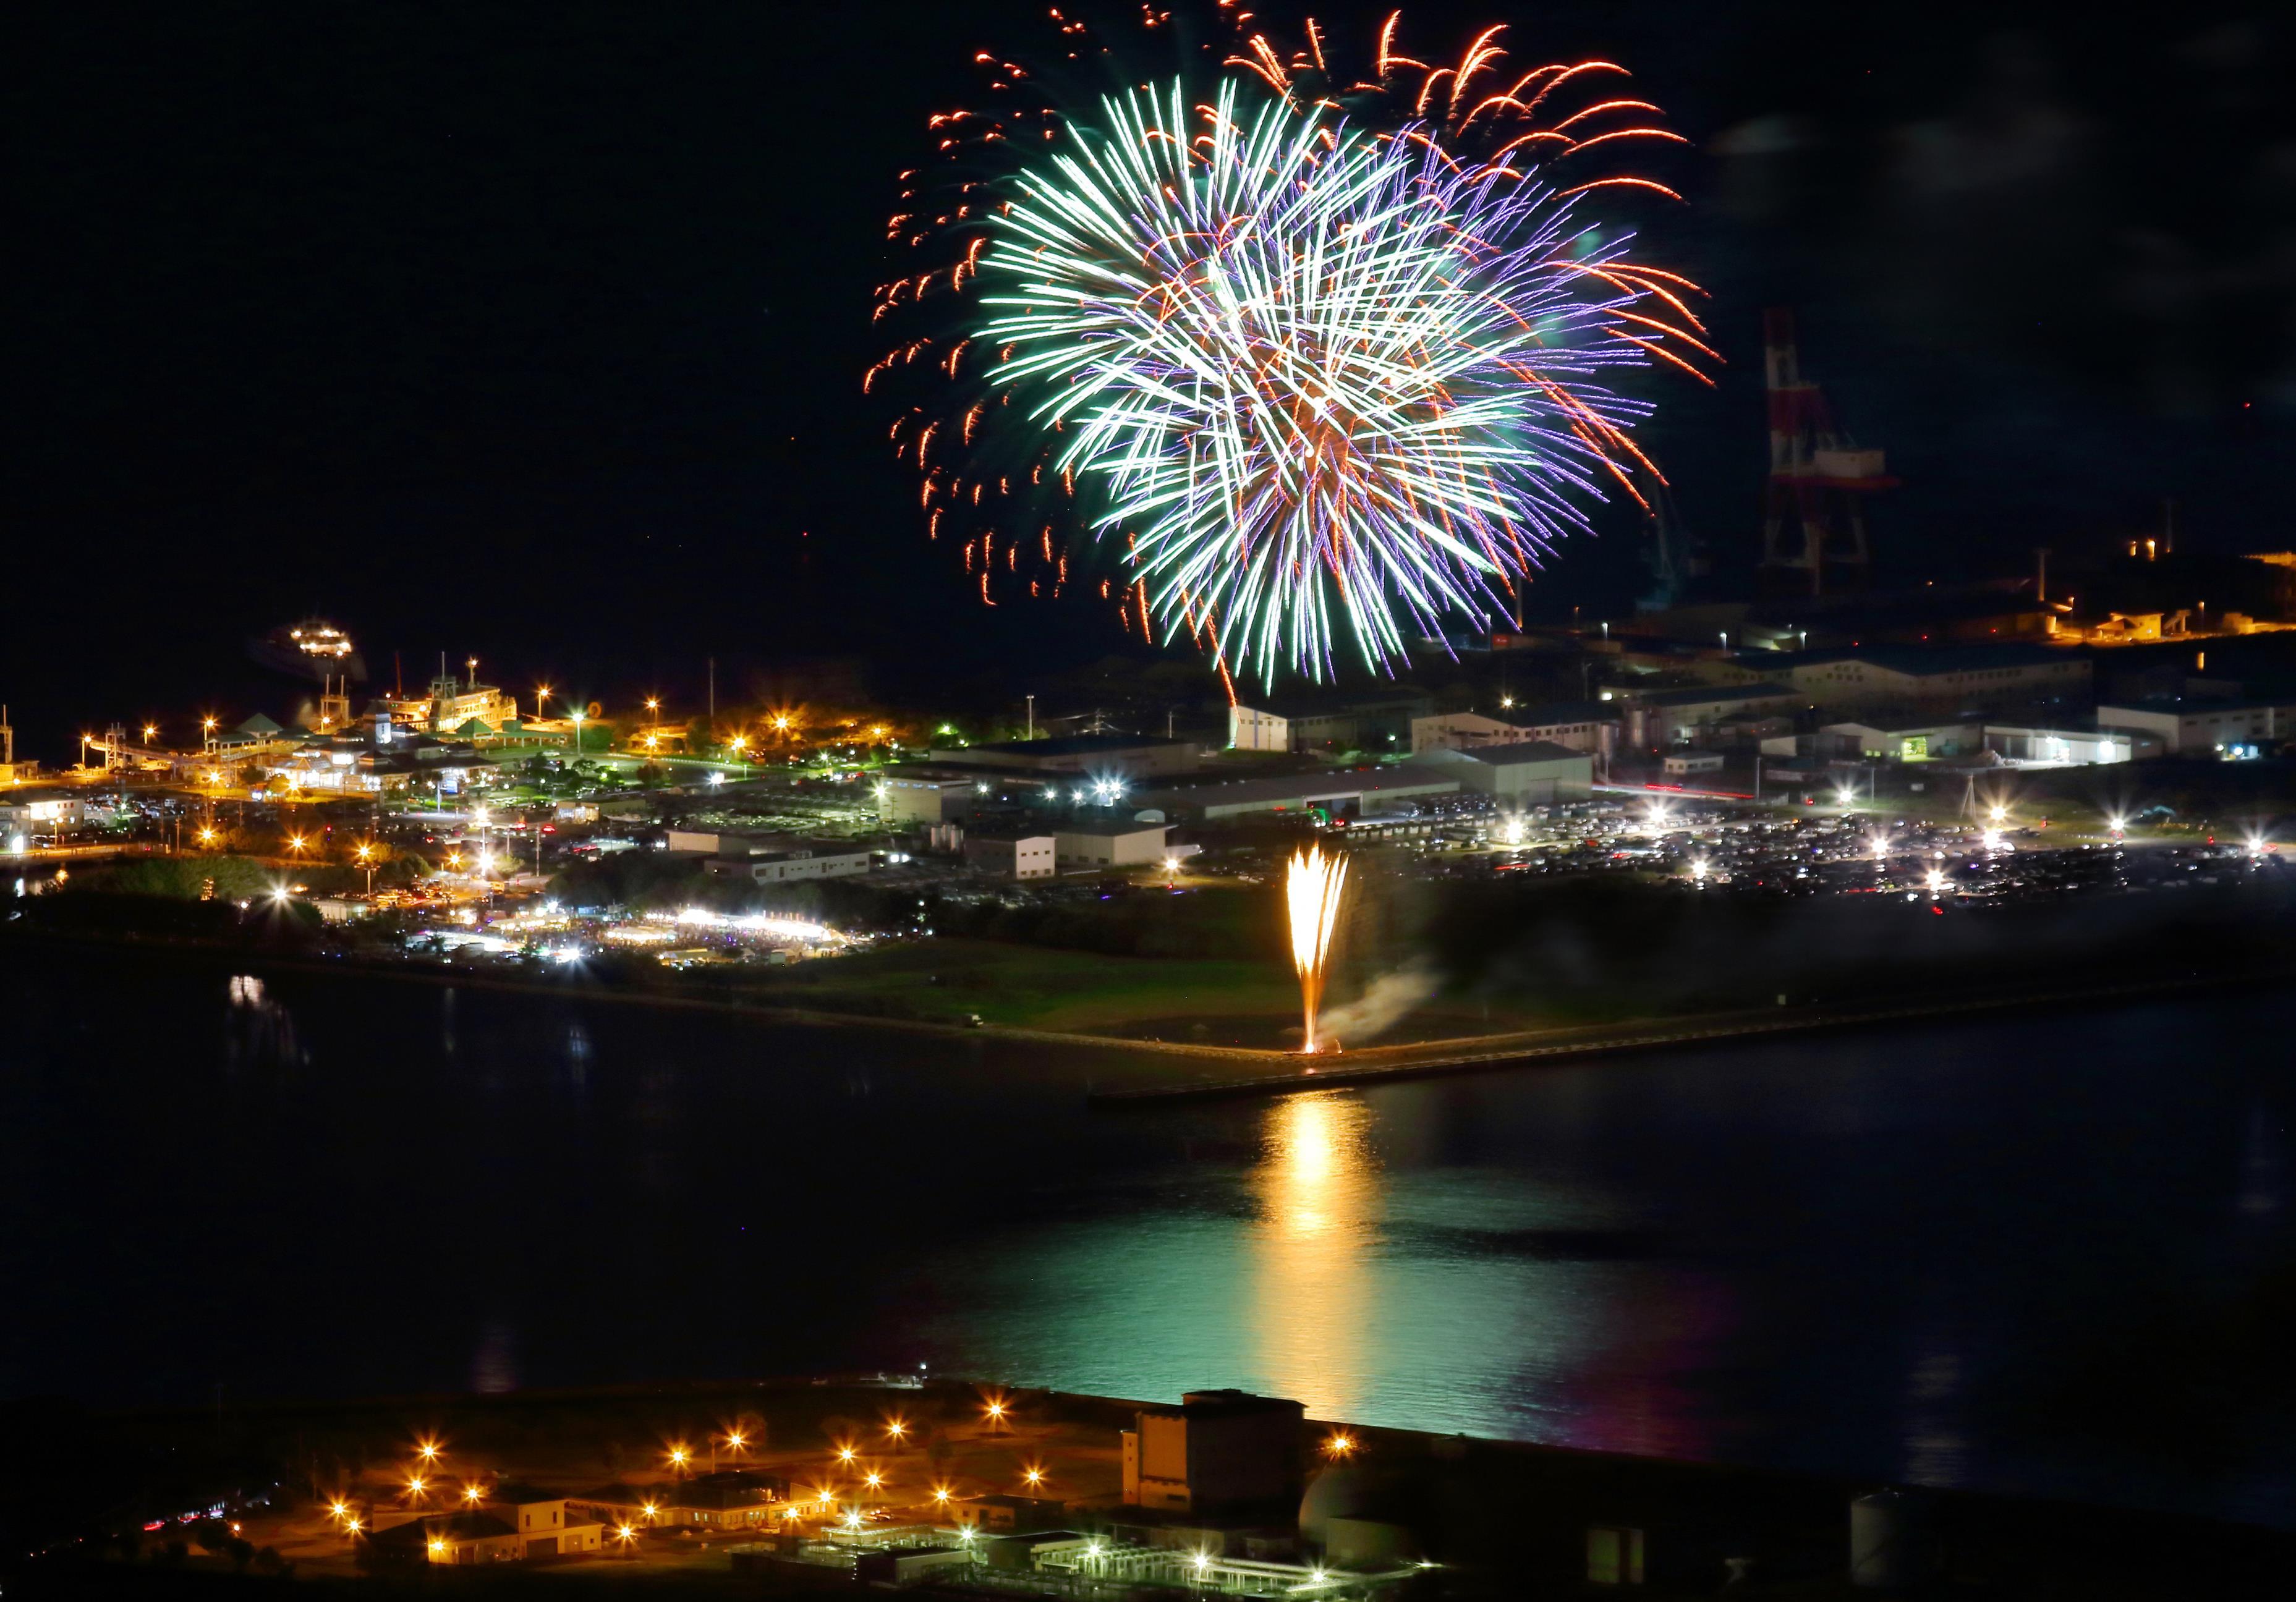 港の灯と花火の競演